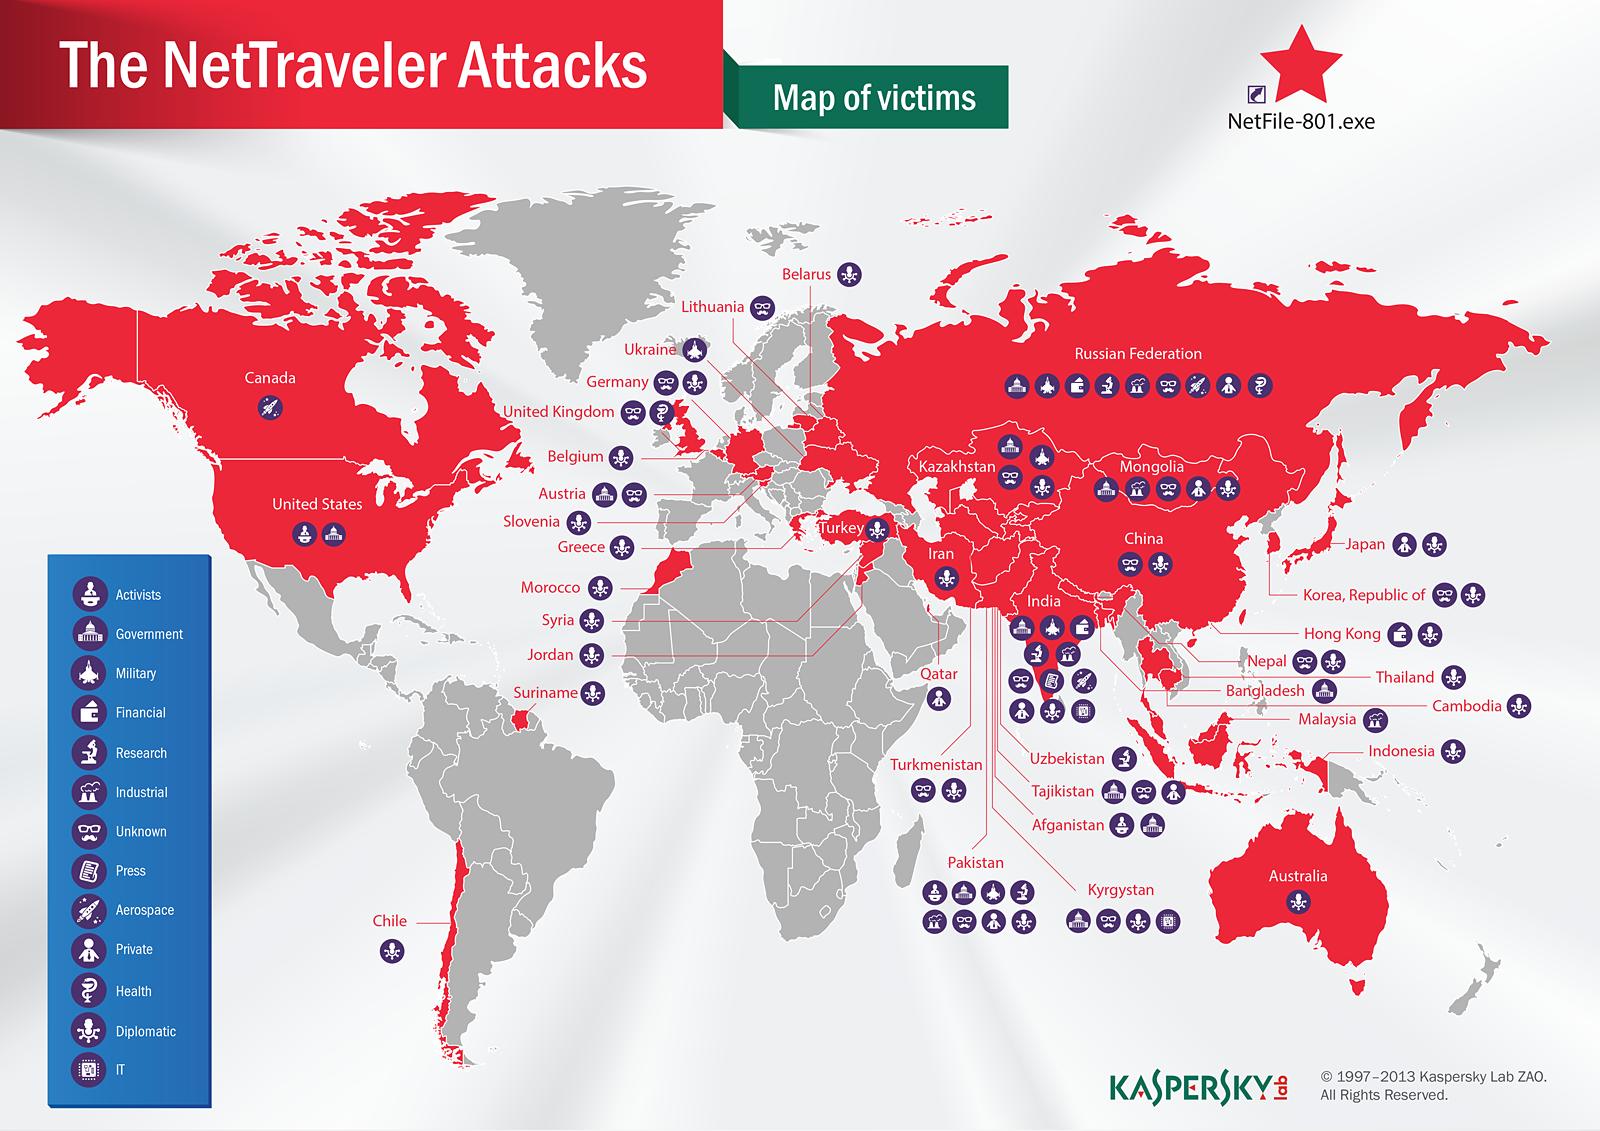 Лаборатория Касперского обнаружила глобальную сеть кибершпионажа, действующую в 40 странах мира